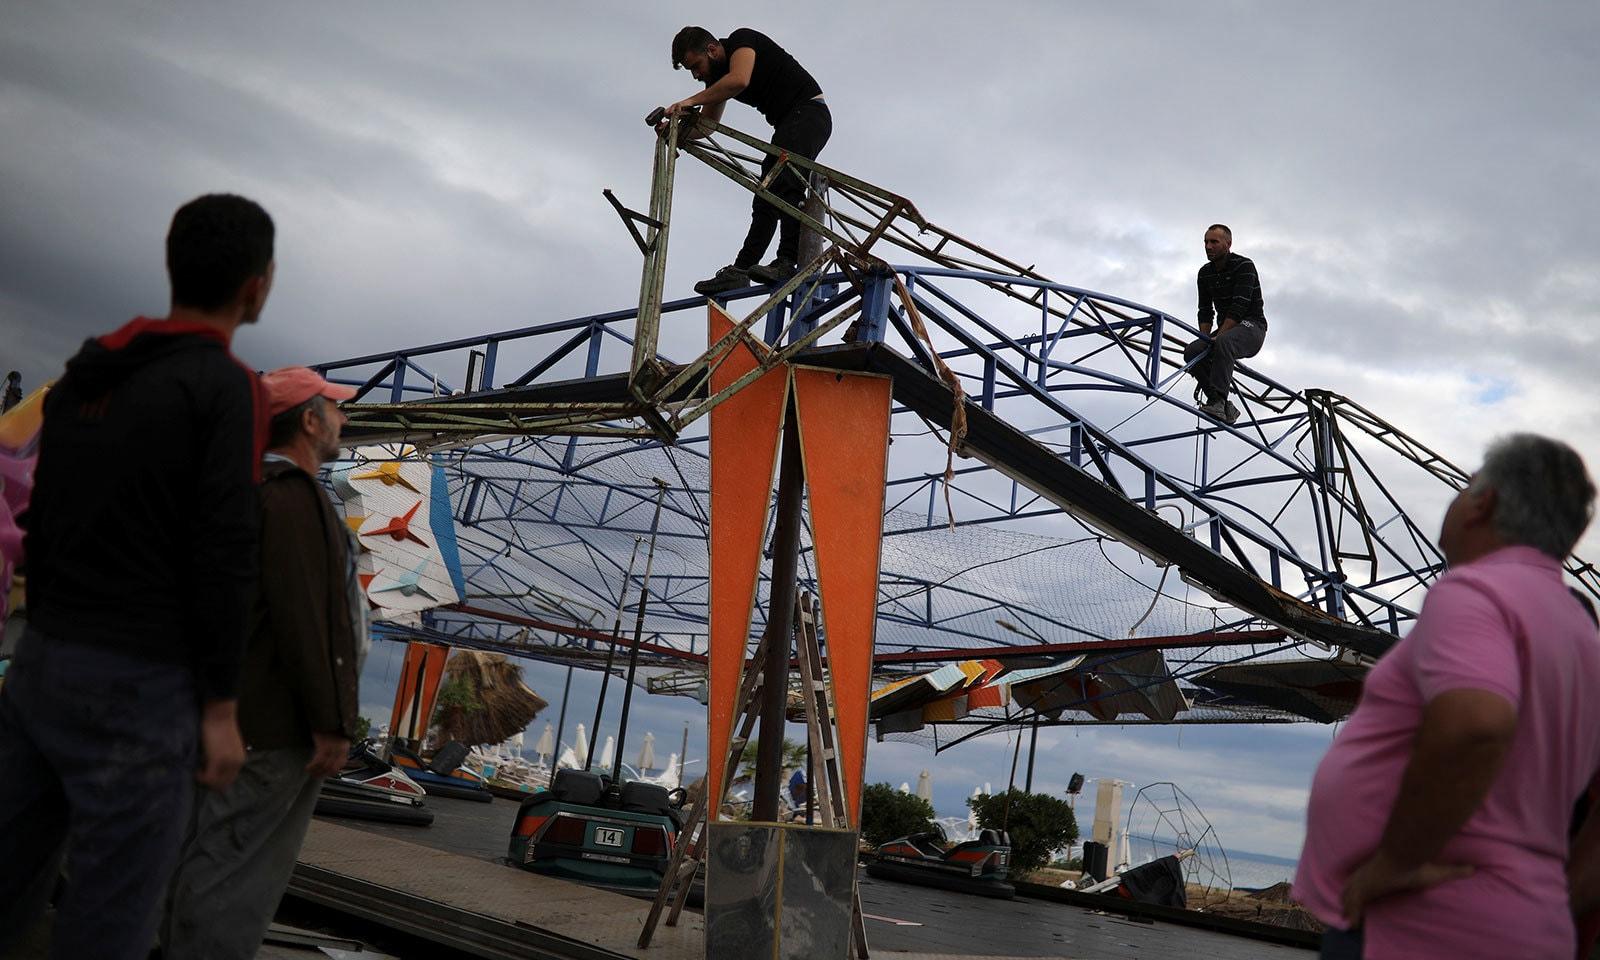 طوفان کے بعد تفریحی پارک کی مرمت کی جارہی ہے — فوٹو: رائٹرز